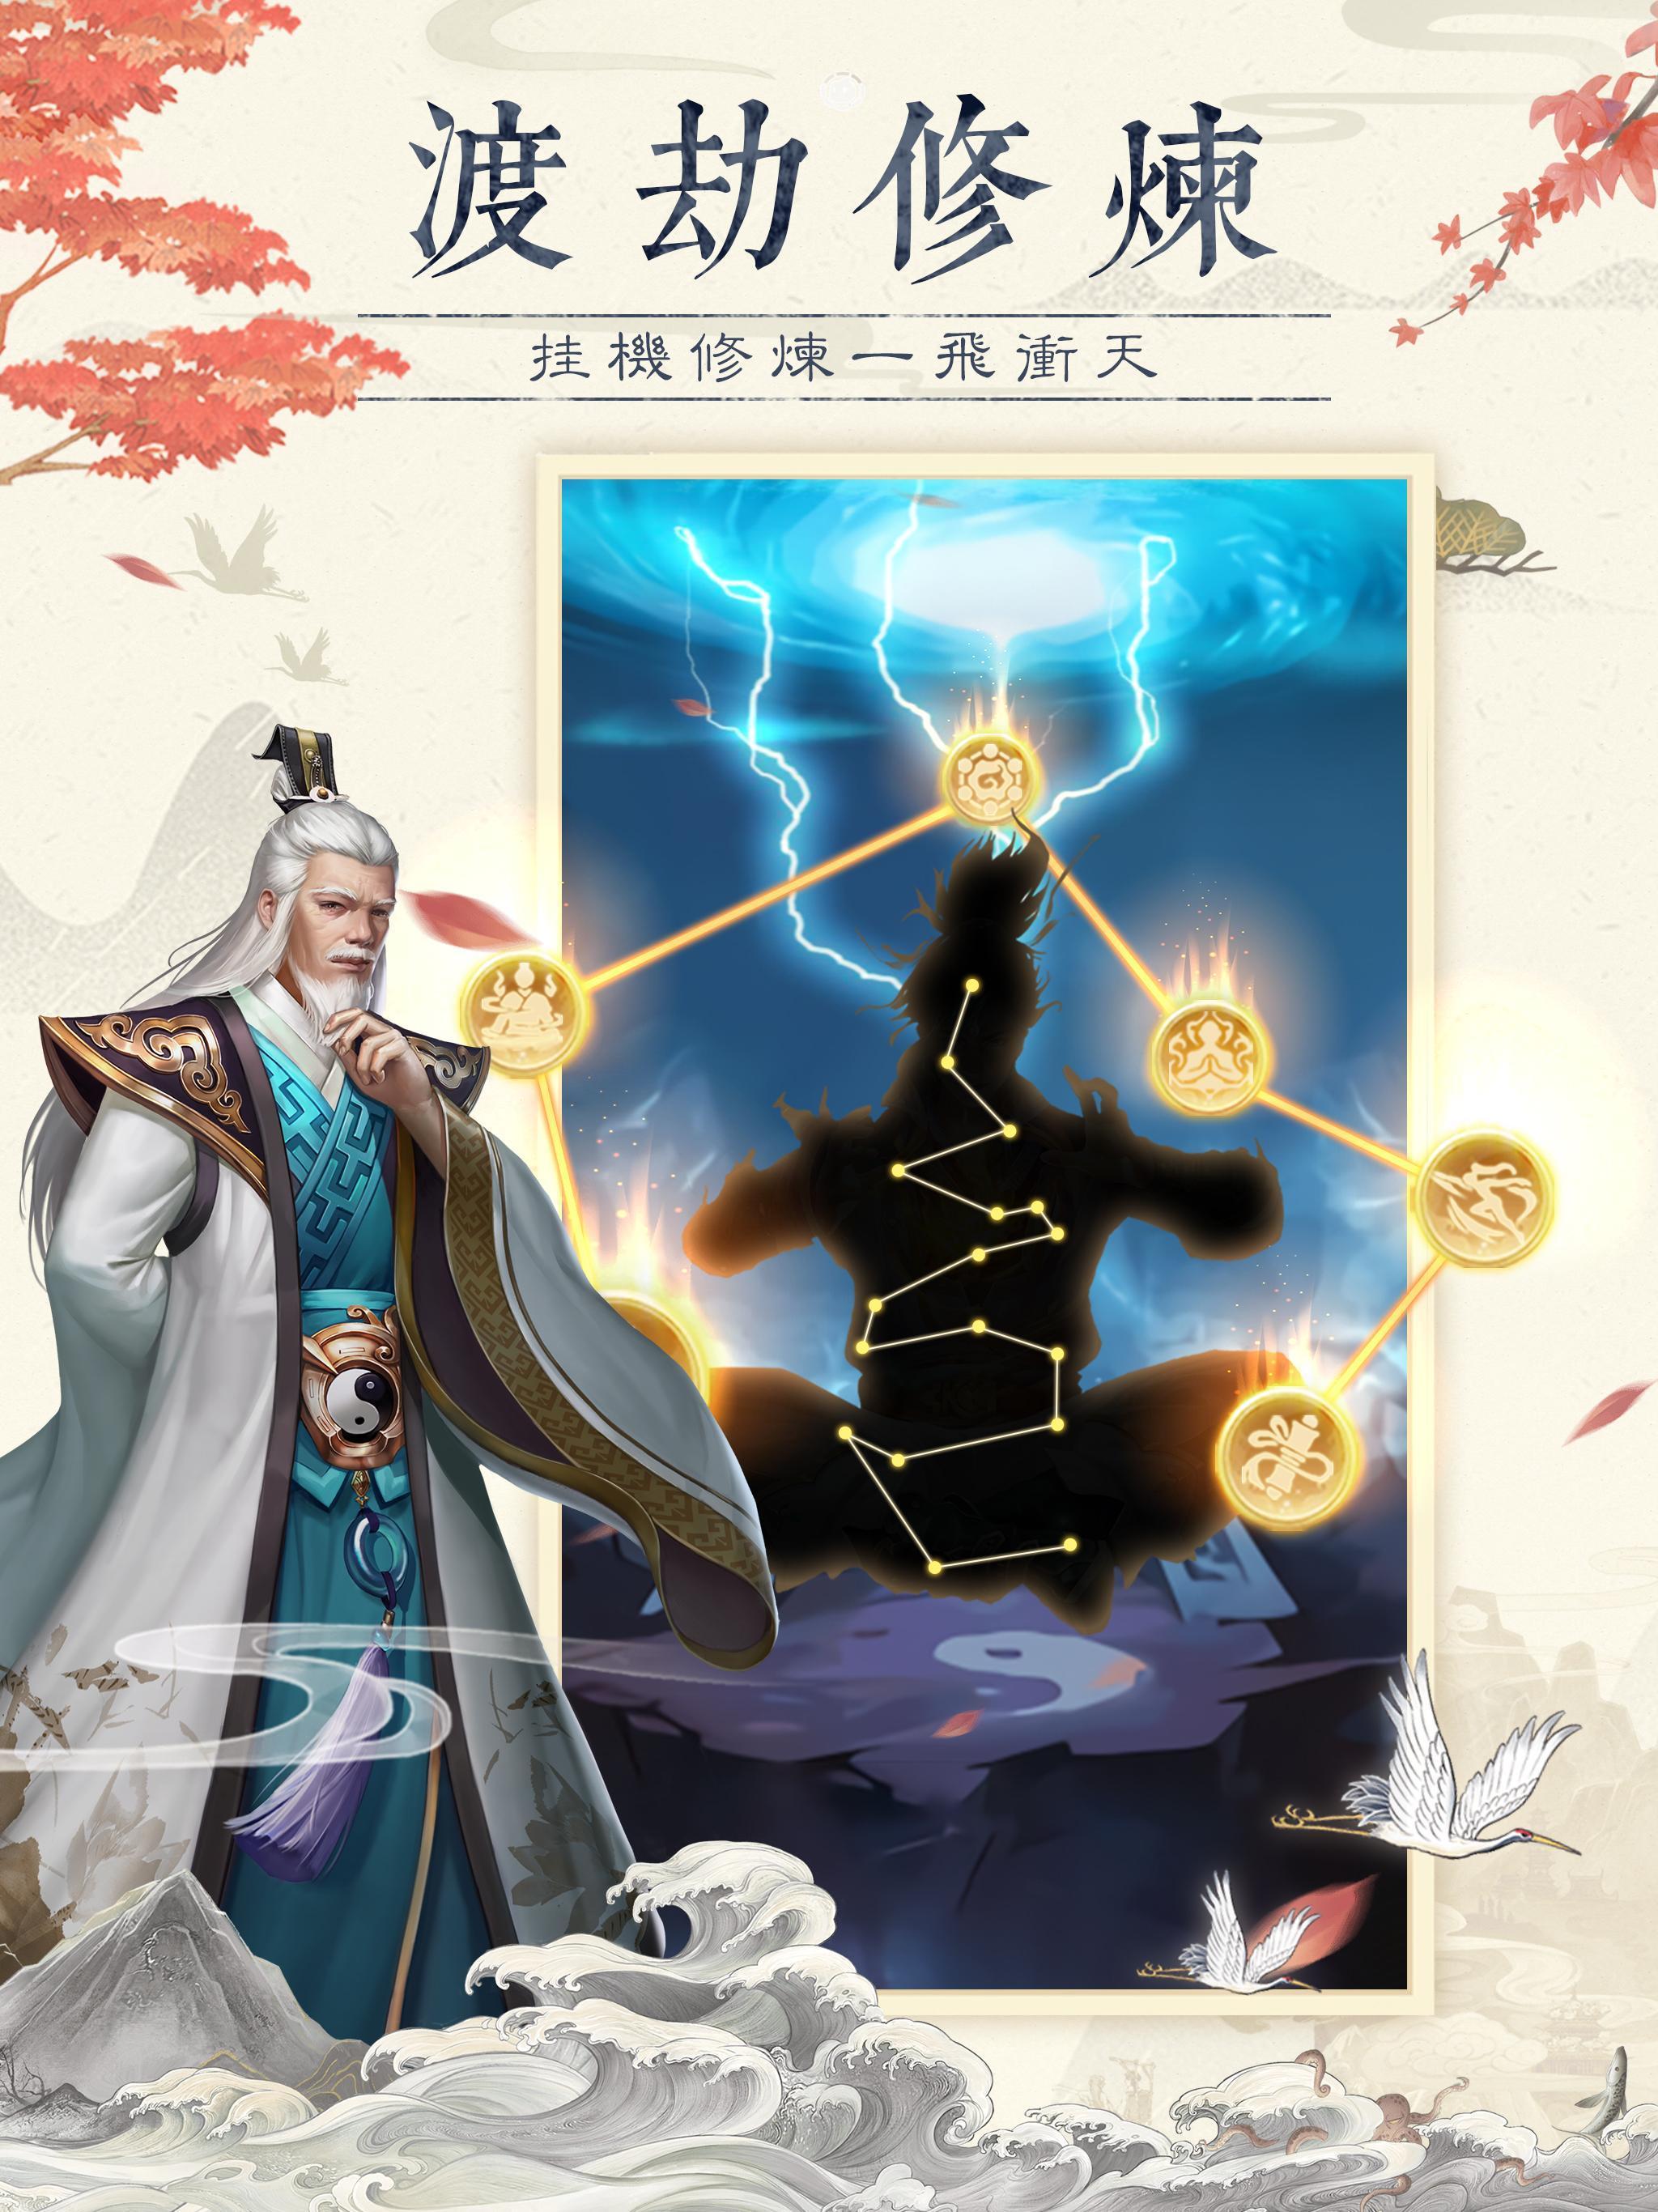 仙命決——俠侶雙修,道友PVP對決 1.3.2 Screenshot 12